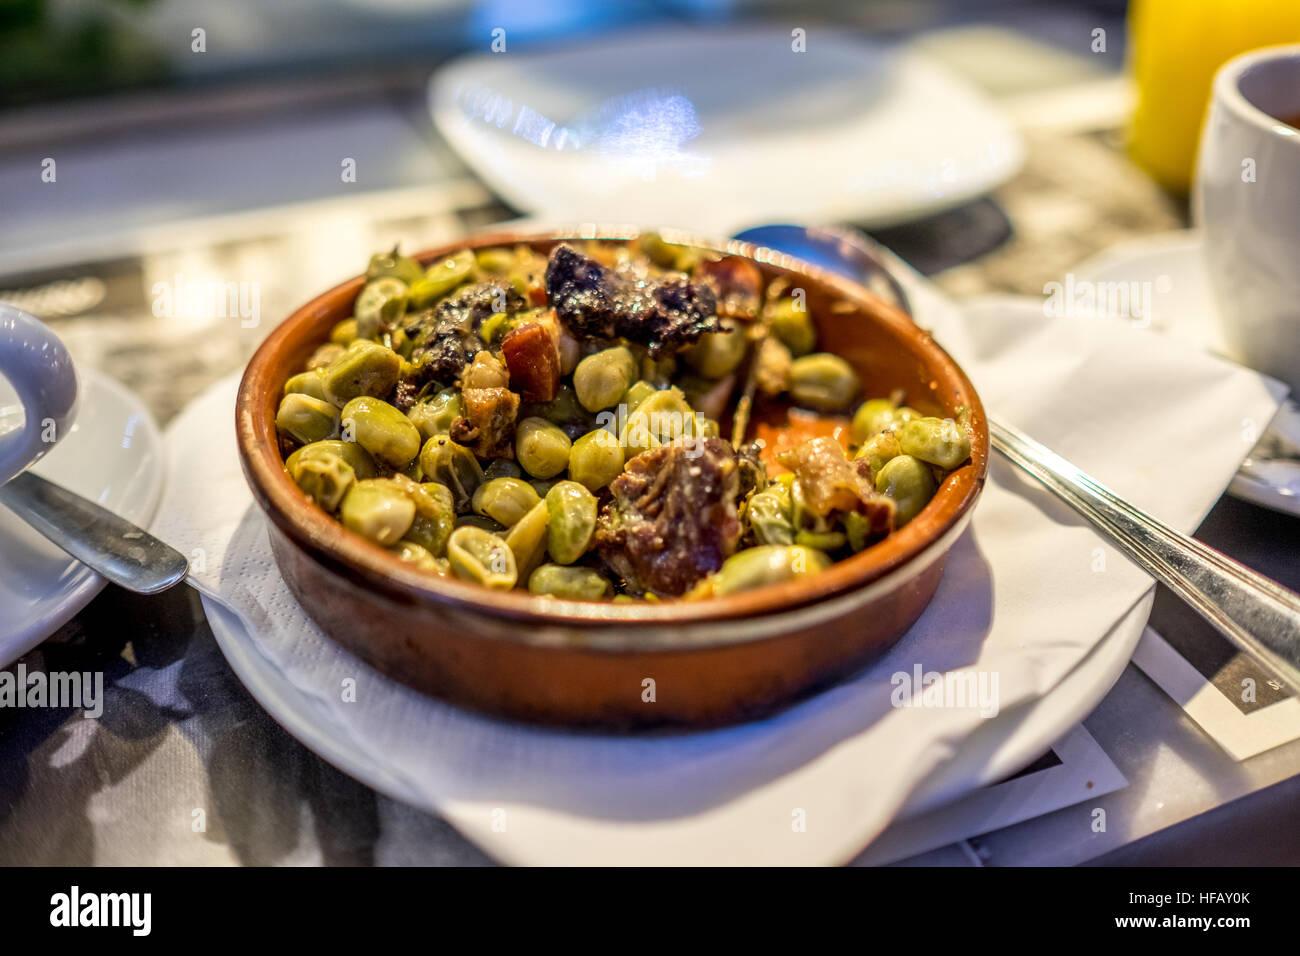 Bean español y salchichas estofado. Imagen De Stock